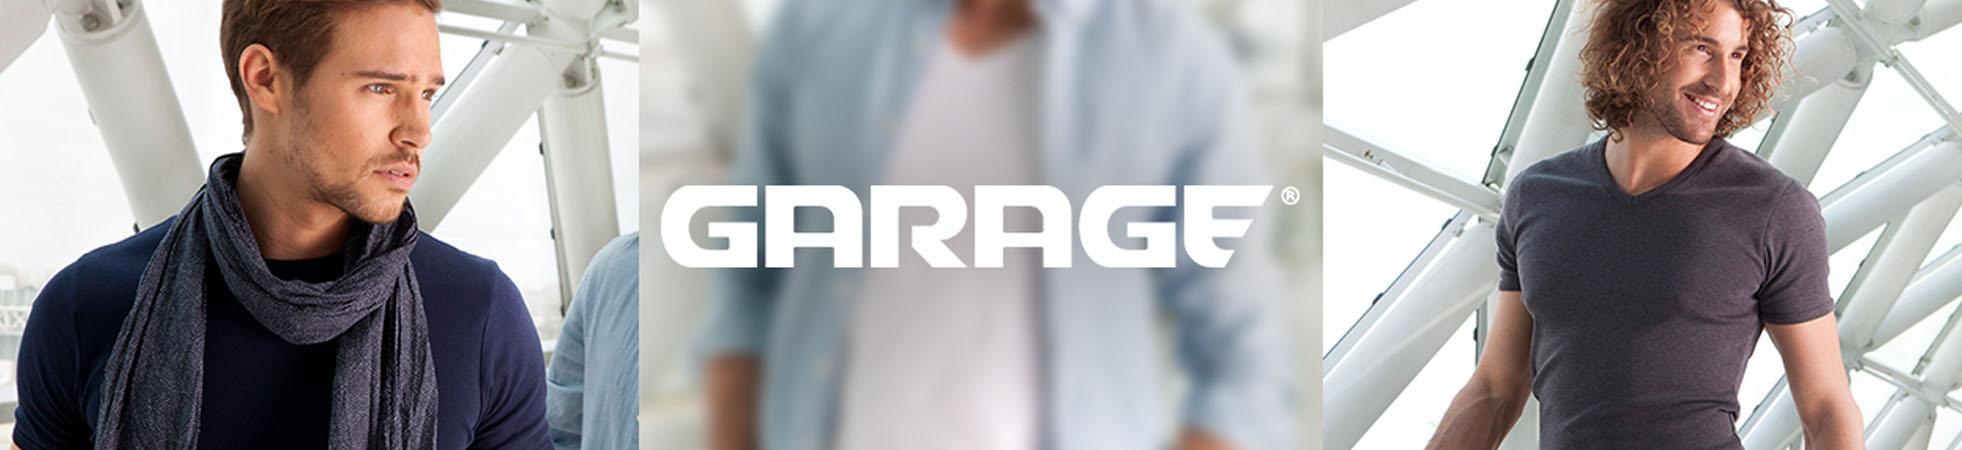 Garage Underwear, T-shirts & Boxers